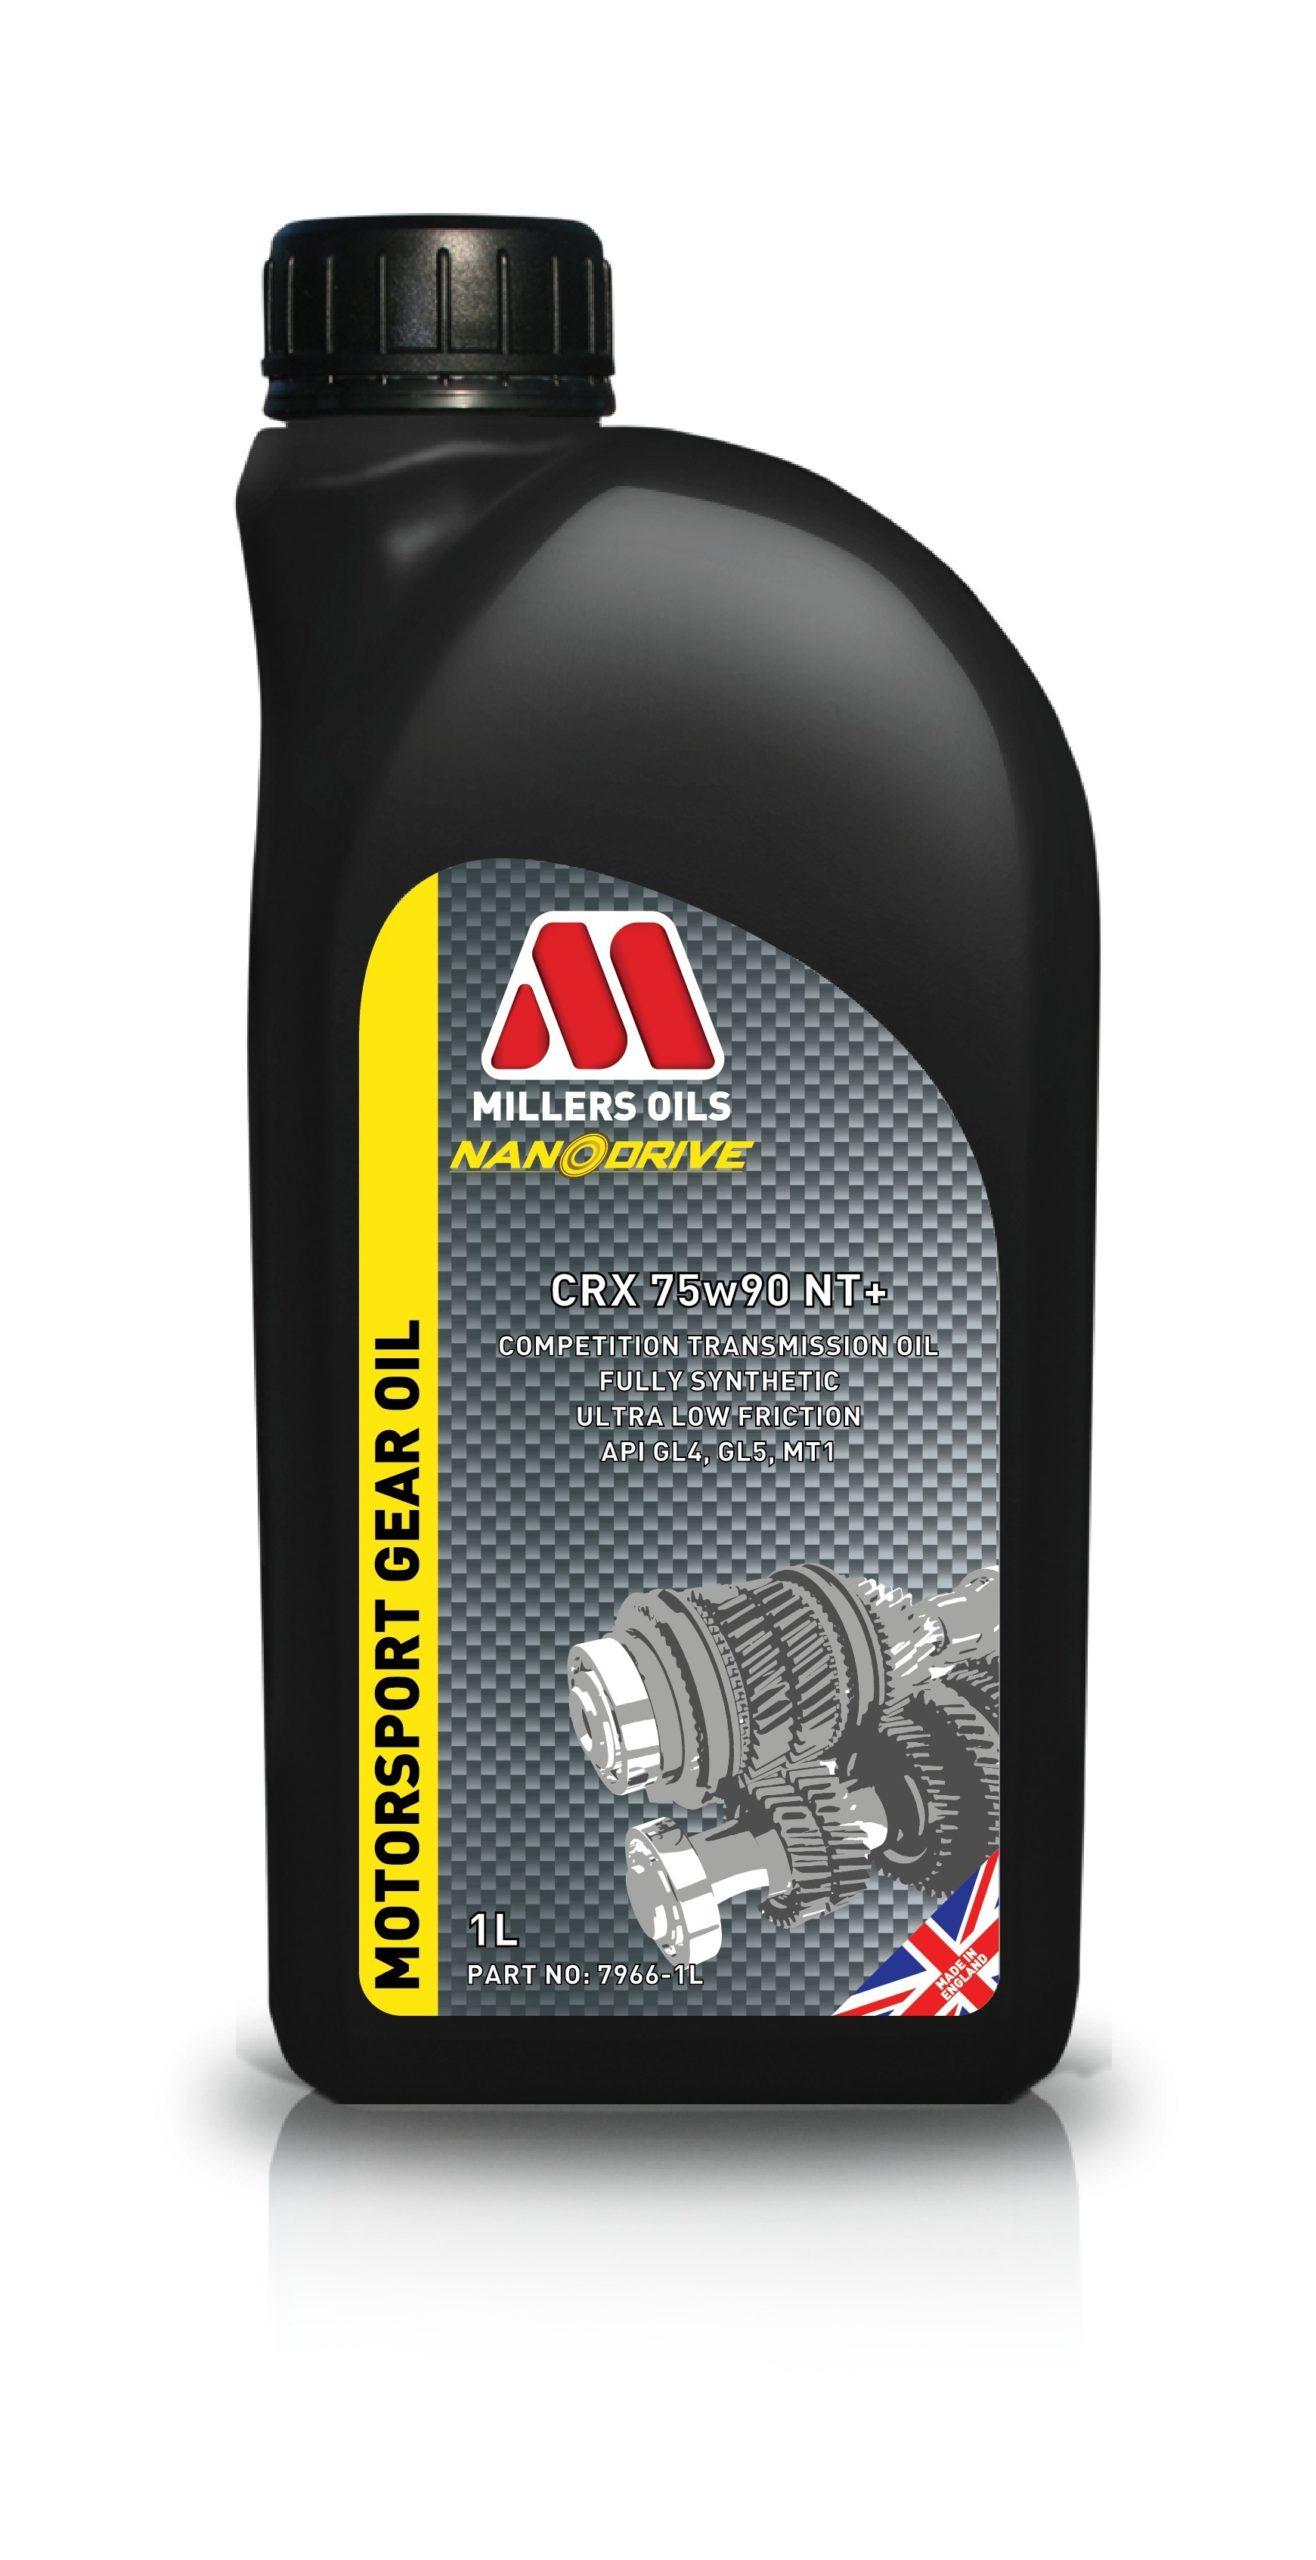 Millers Oils CRX 75w90 NT+ 1L